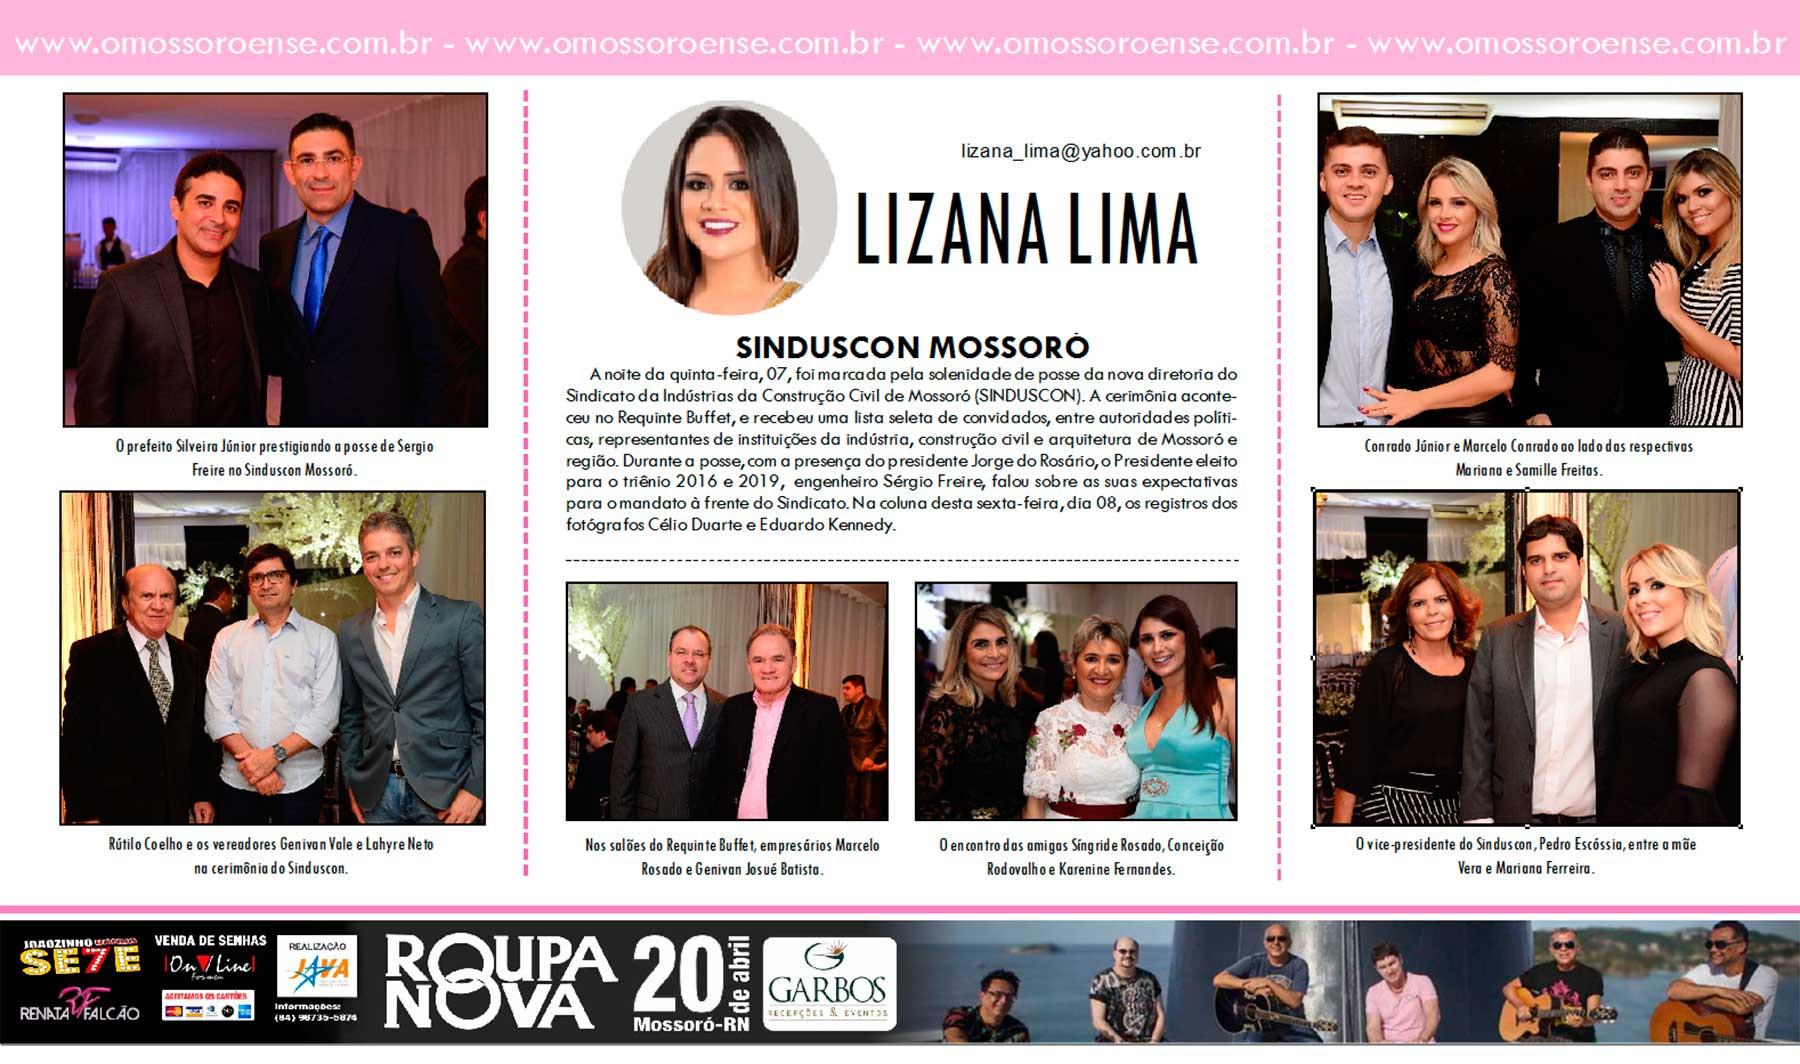 LIZANA-LIMA-08-04-16